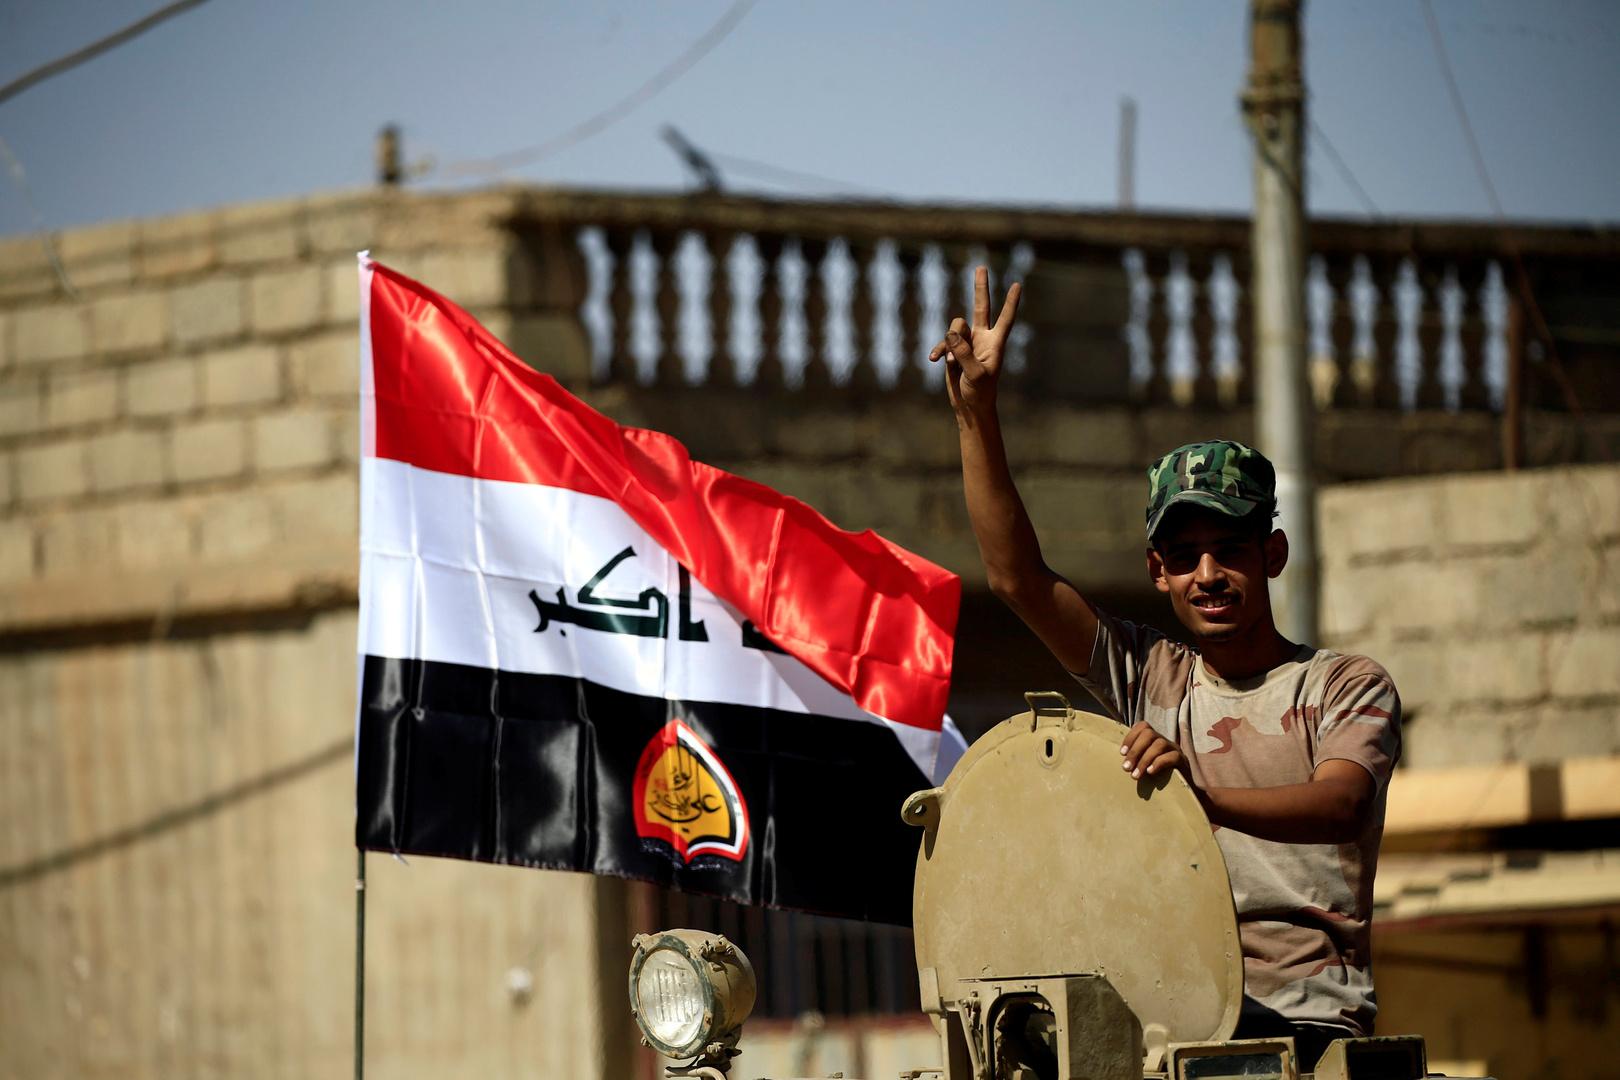 الحشد الشعبي العراقي يطلق عملية كبيرة جديدة ضد